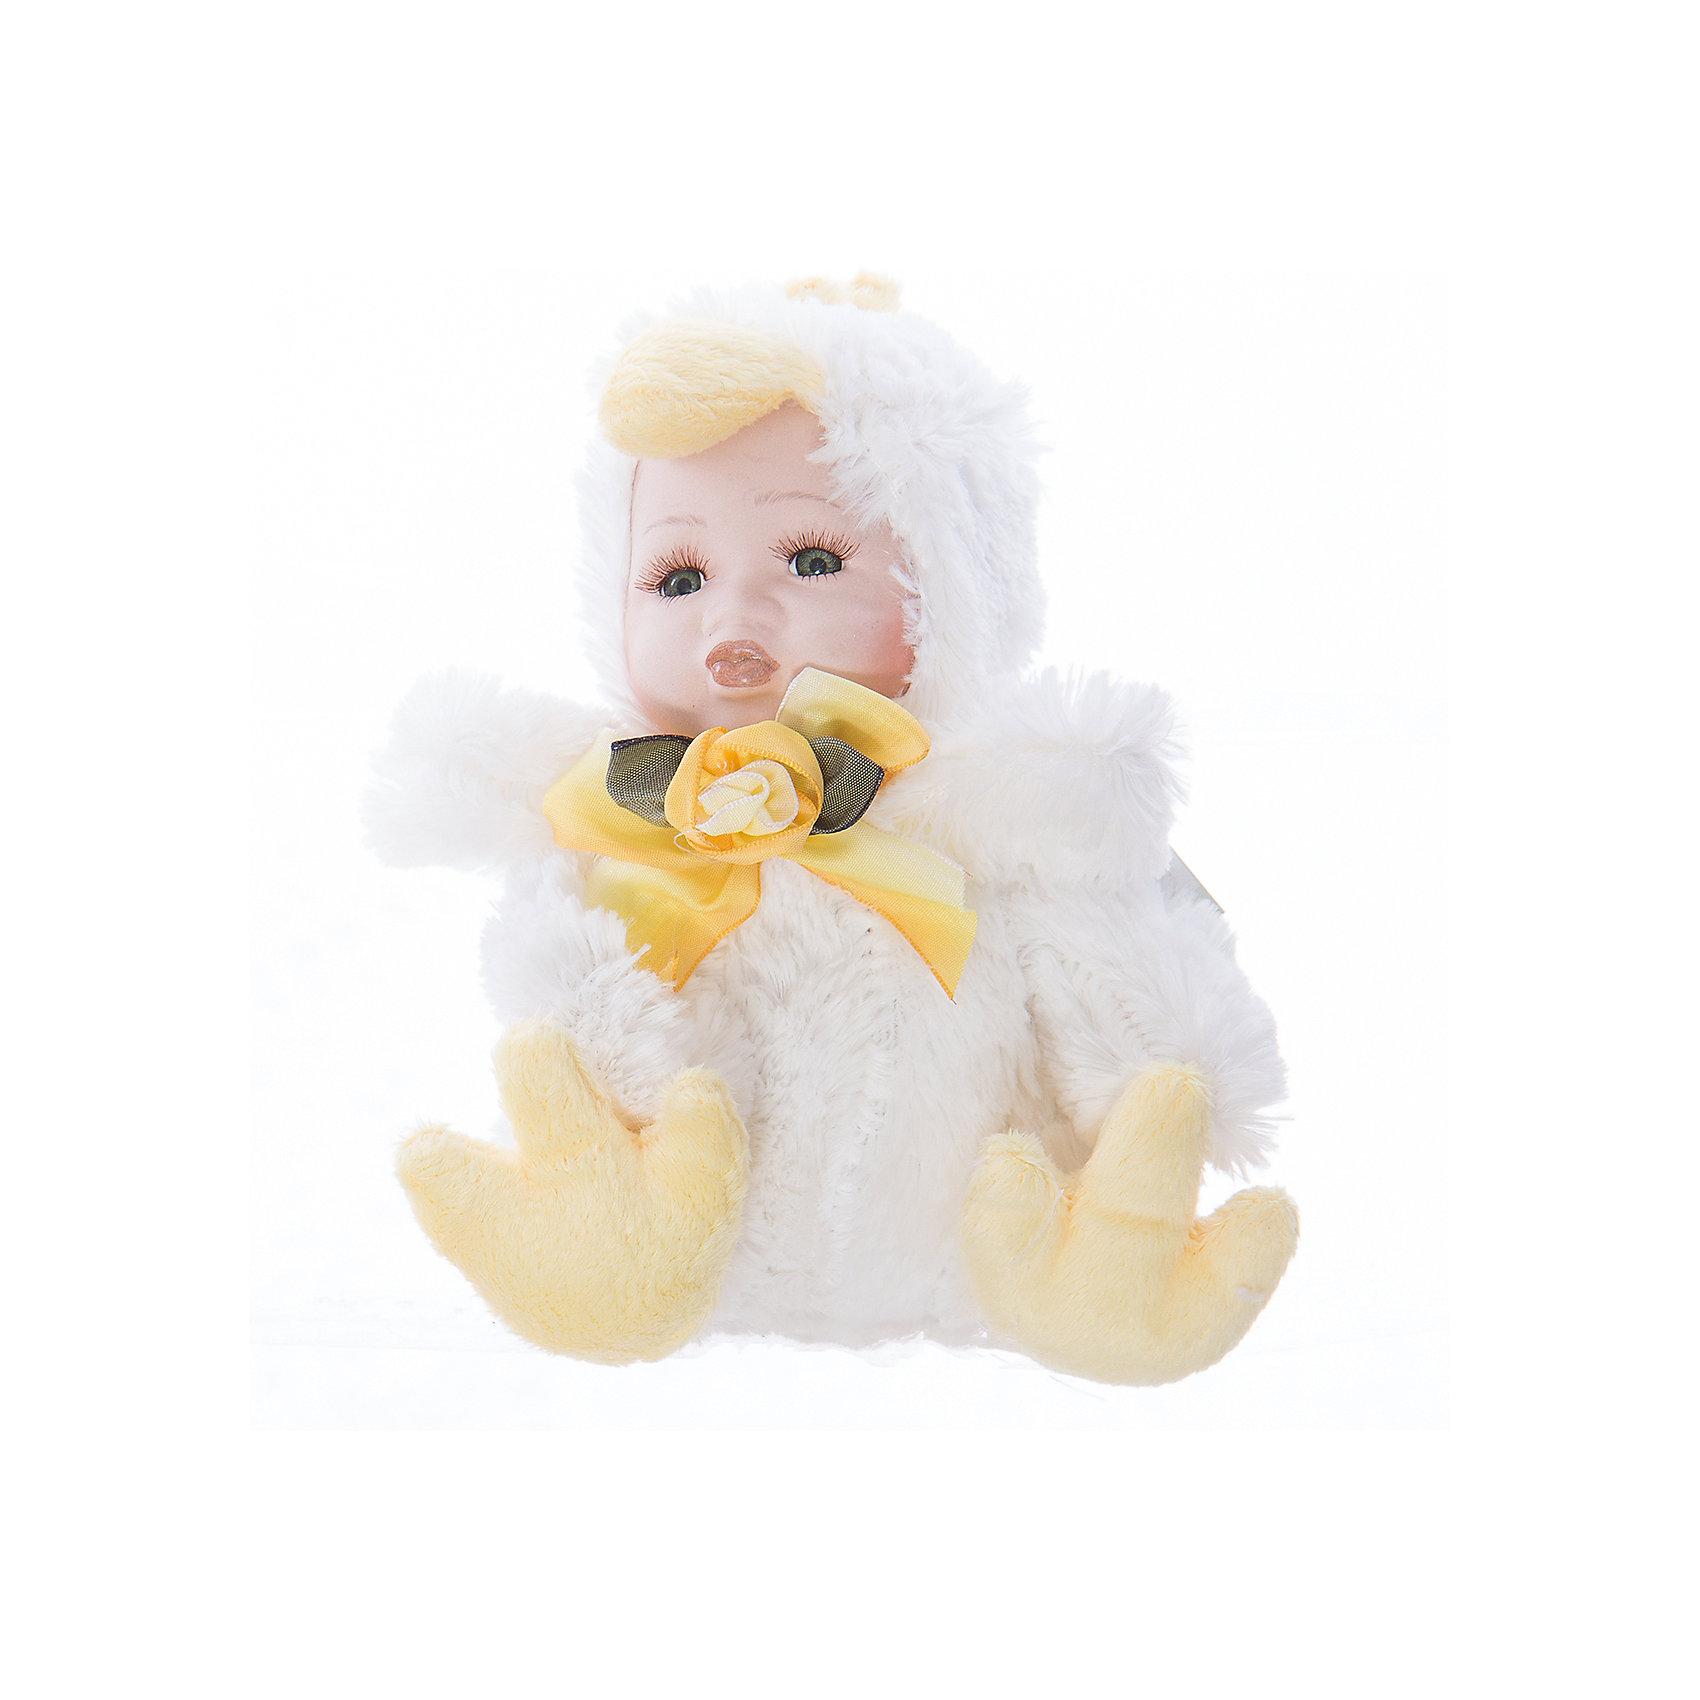 Интерьерная кукла Цыпленок C21-108053B, EstroДетские предметы интерьера<br>Характеристики интерьерной куклы:<br><br>- состав: полиэстер, керамика<br>- габариты предмета: 25* 10 *15 см <br>- комплектация: игрушка<br>- тип игрушки: фигурка<br>- вид упаковки: коробка<br>- возрастные ограничения: 3+<br>- бренд: Estro <br>- страна бренда: Италия<br>- страна производитель: Китай<br><br>Интерьерная кукла торговой марки Estro будет лучшим украшением Вашего дома и самый теплый подарок тем, кого Вы любите. Игрушка изготовлена из качественных материалов приятной расцветки. Ее внешний вид продуман до мелочей. <br><br>Интерьерную куклу цыпленок итальянской торговой марки Estro можно купить в нашем интернет-магазине.<br><br>Ширина мм: 100<br>Глубина мм: 150<br>Высота мм: 250<br>Вес г: 132<br>Возраст от месяцев: 36<br>Возраст до месяцев: 1188<br>Пол: Женский<br>Возраст: Детский<br>SKU: 5356639